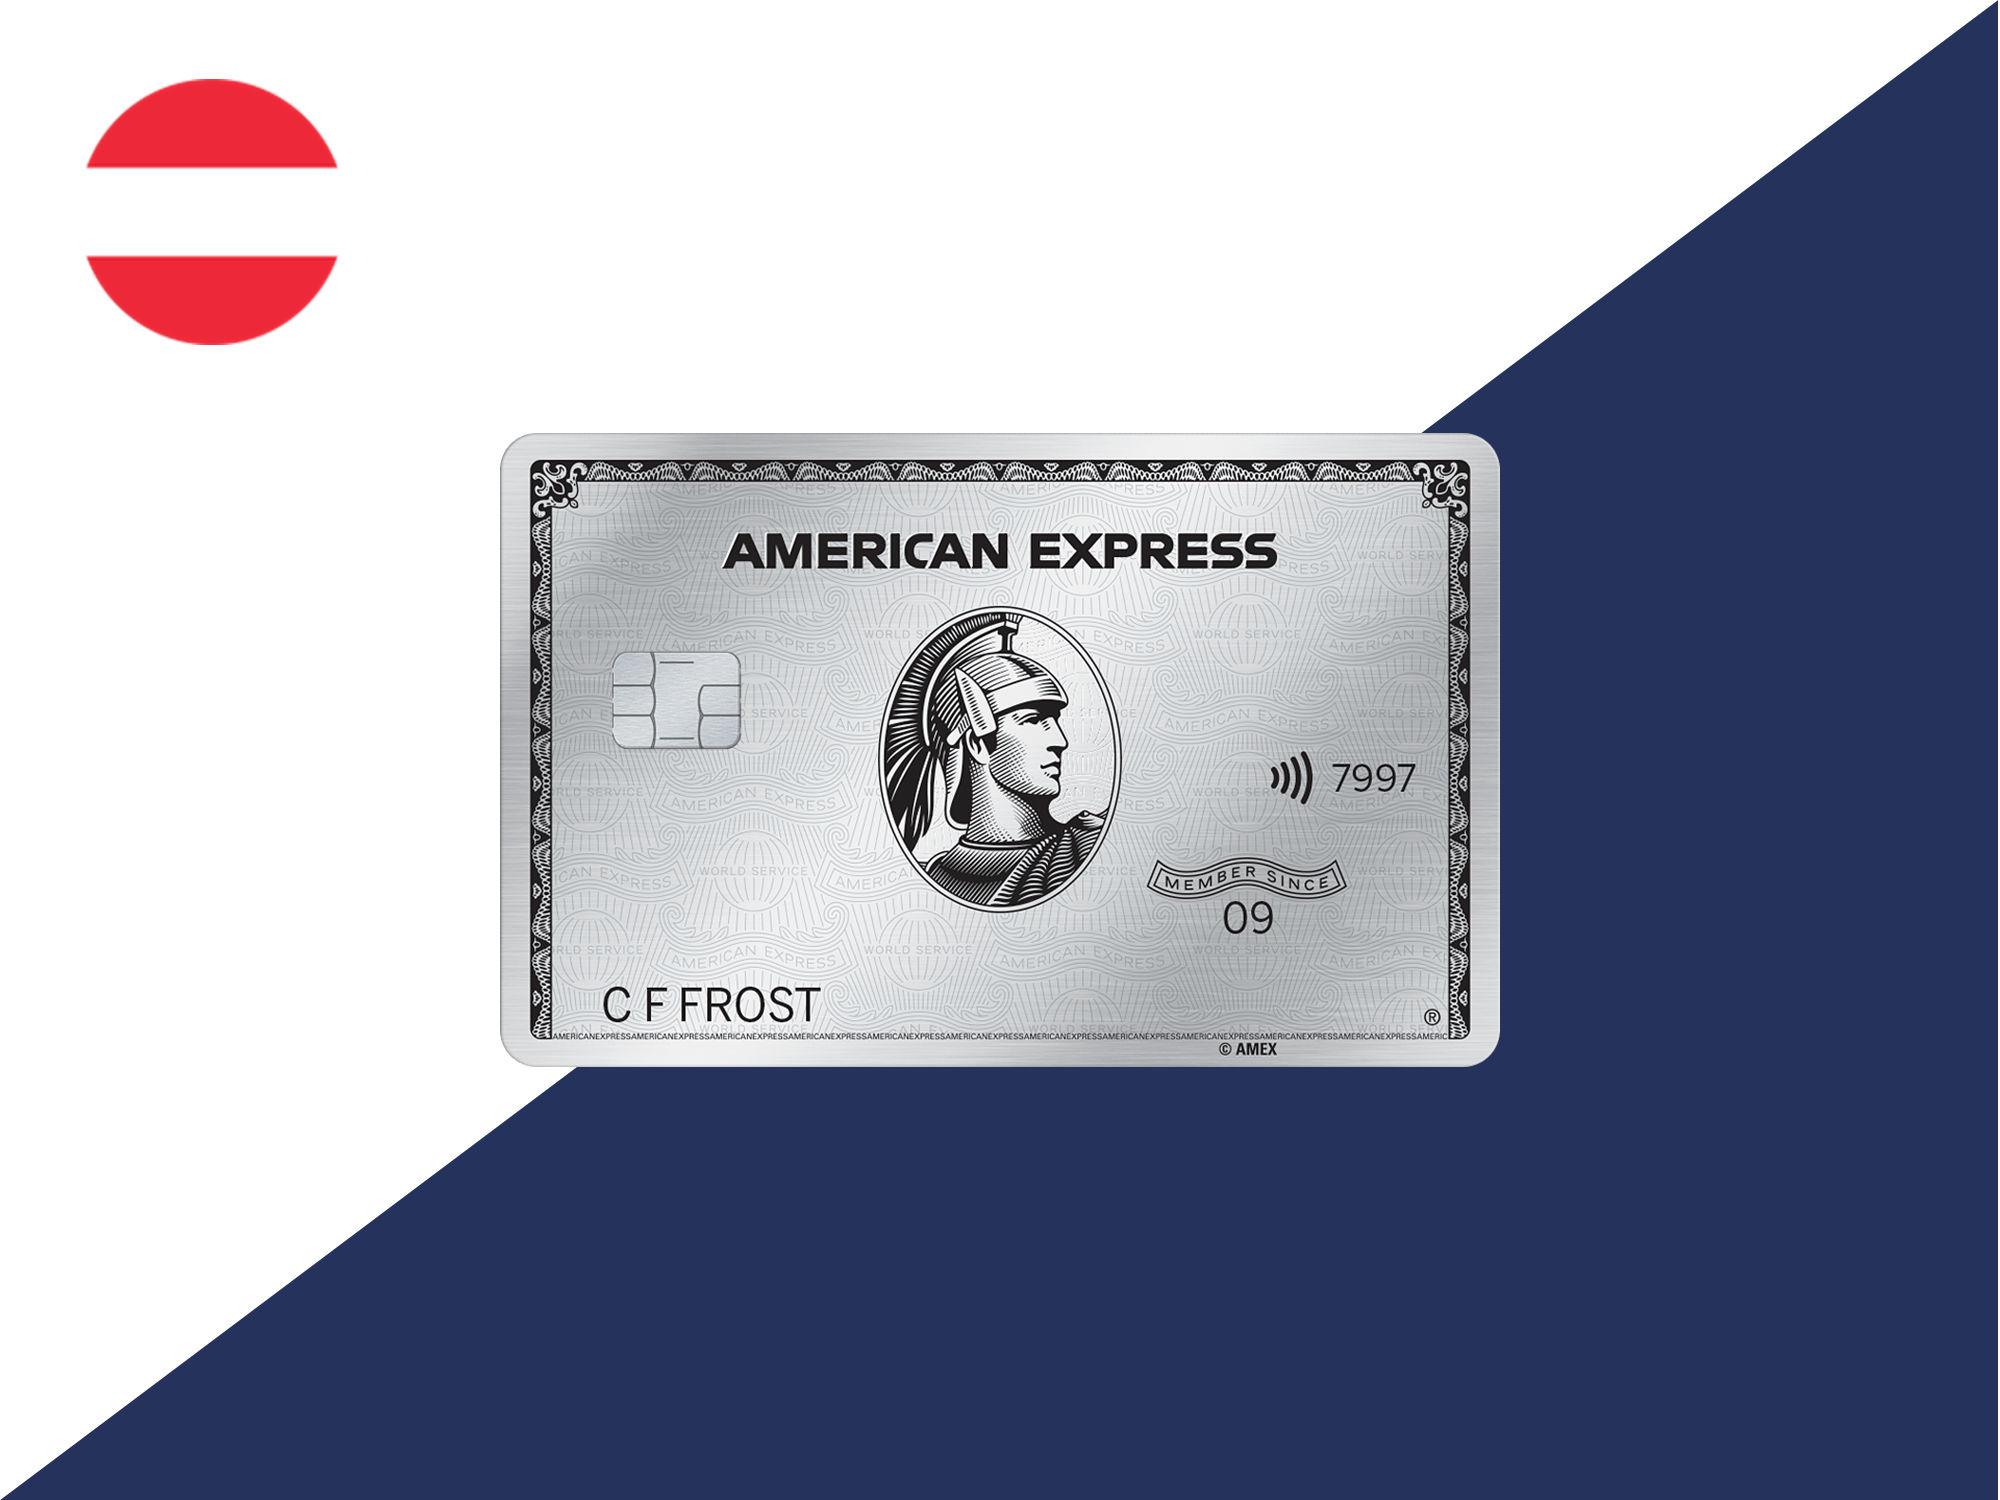 American Express Platinum Kreditkarte Metall Oesterreich Beitragsbild 2